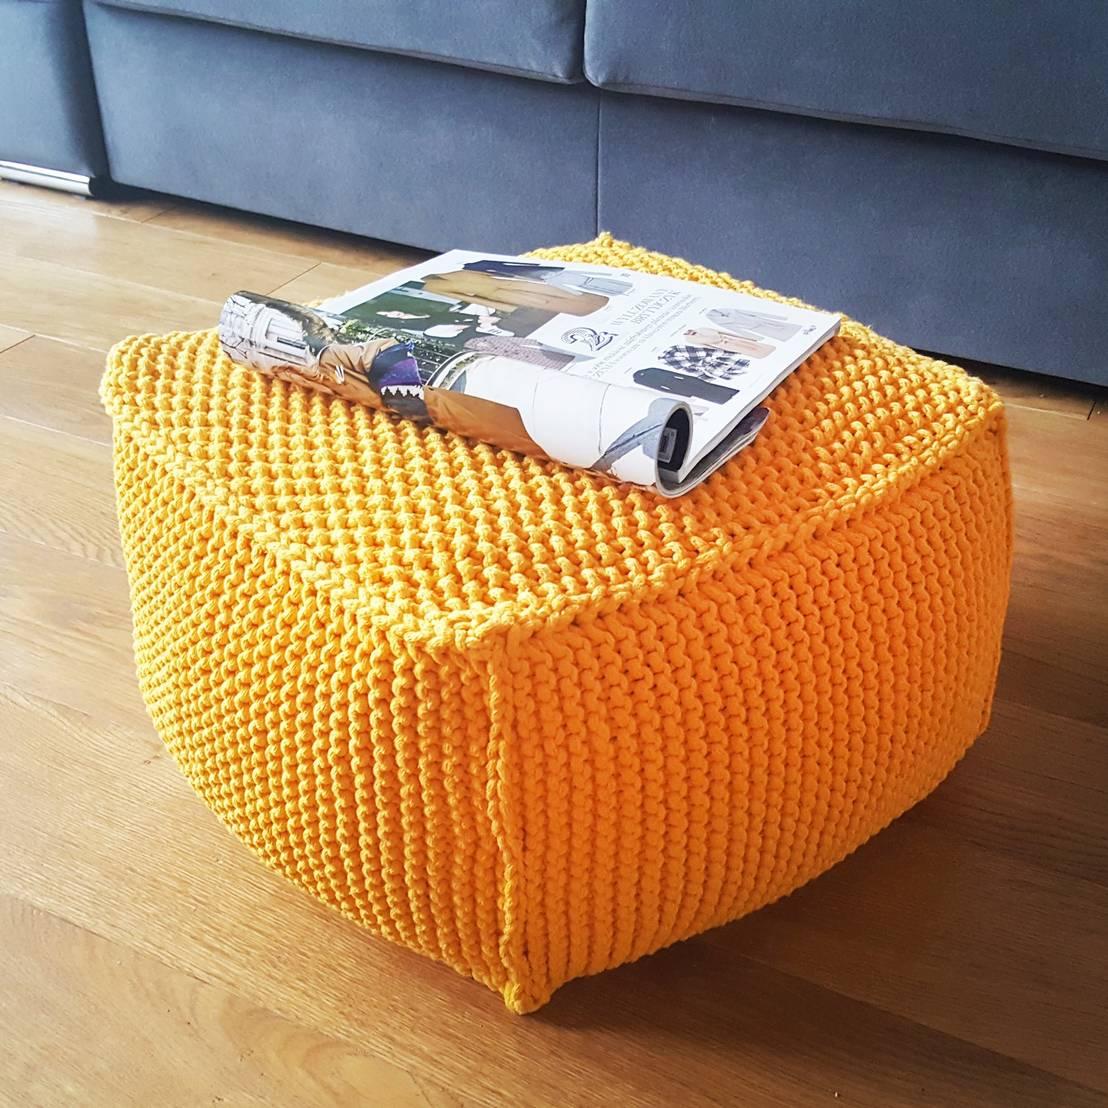 Pouf In Cotone Effetto Maglia pouf in maglia - complemento d'arredo per salotto e camera